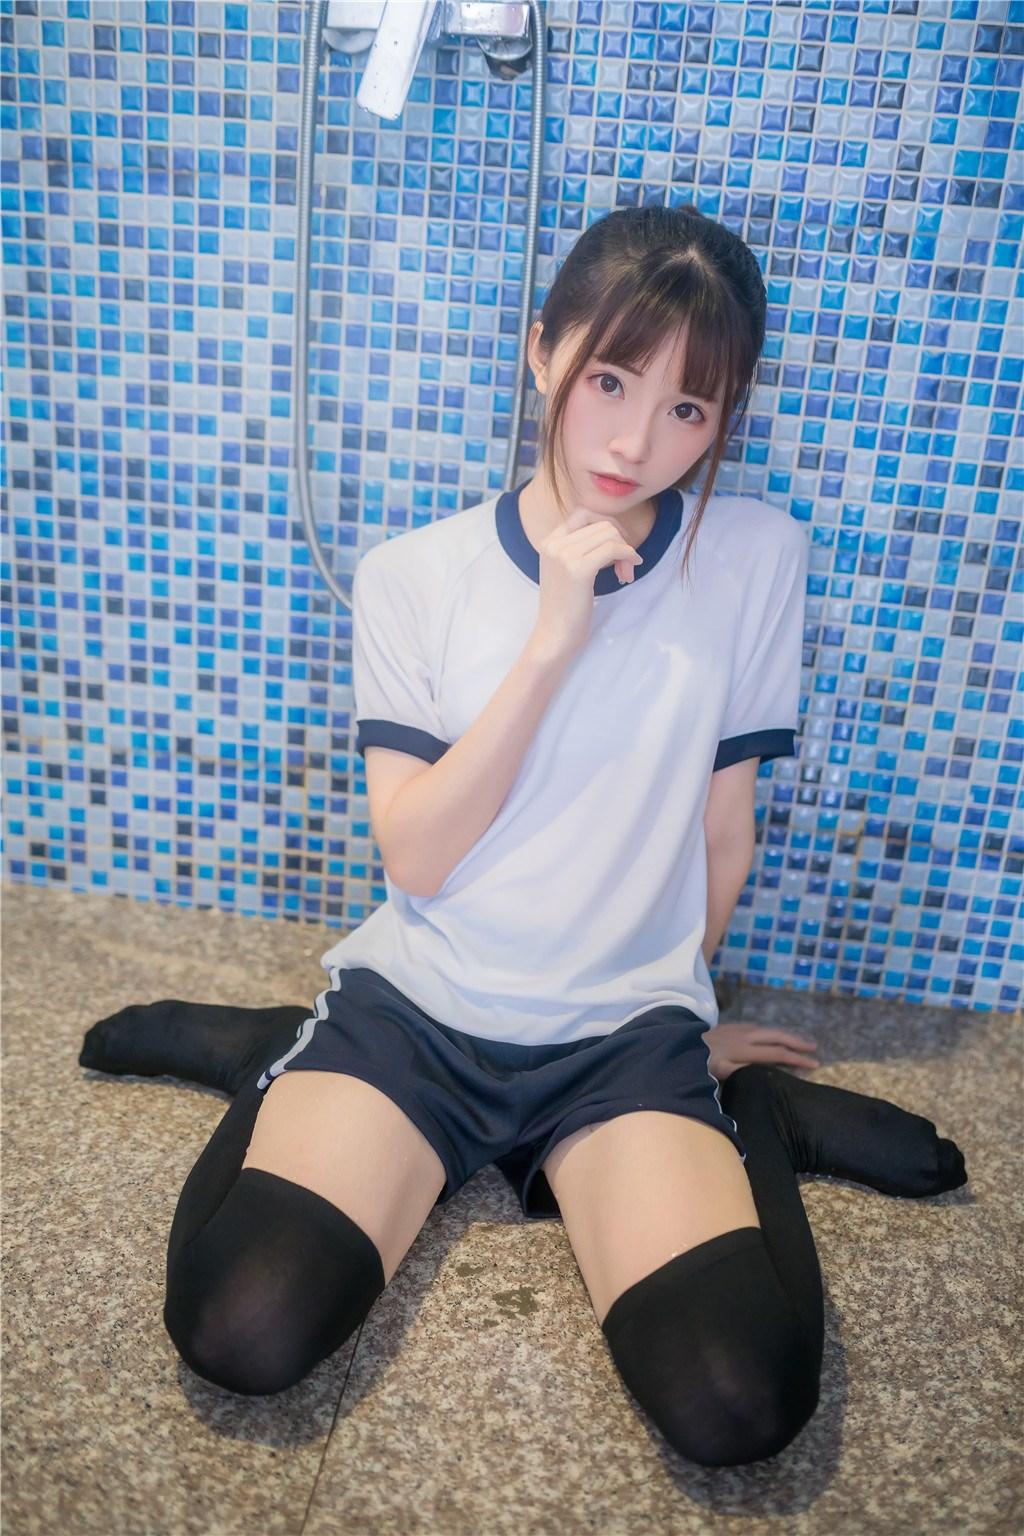 【兔玩映画】vol.20-湿身体操服 兔玩映画 第16张